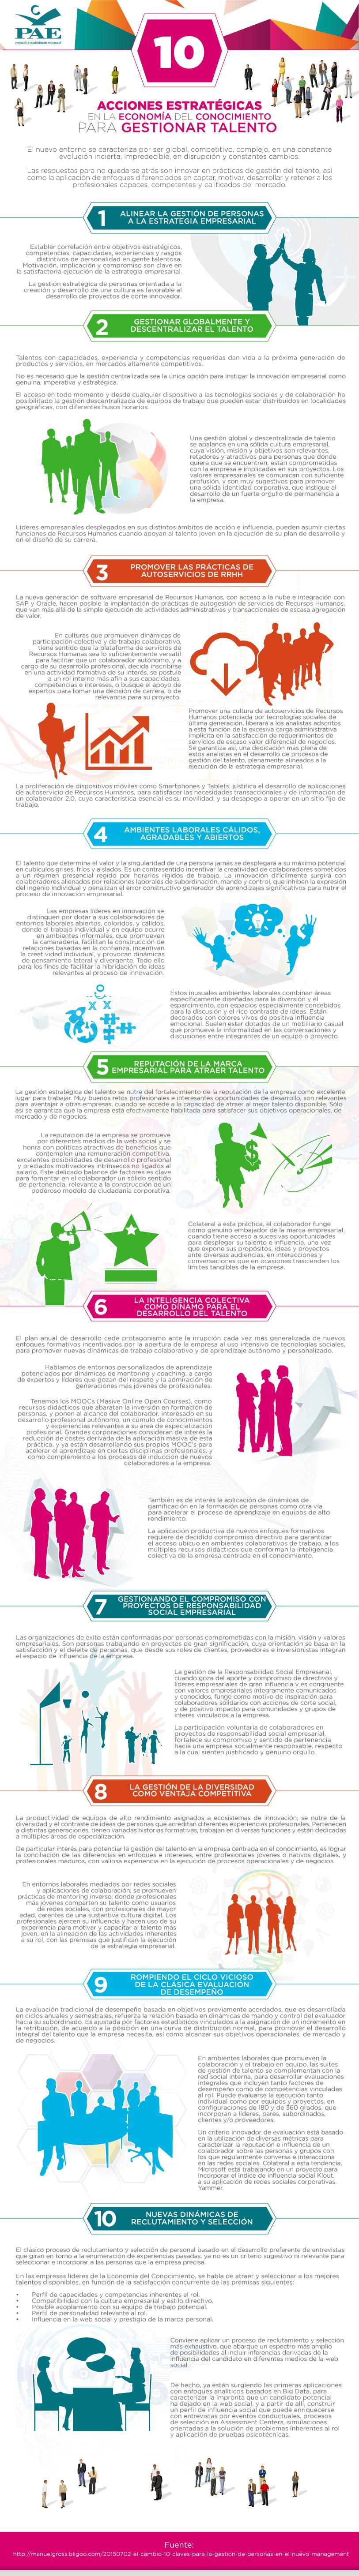 10 Acciones Estratégicas en la Economía del Conocimiento para Gestionar Talento